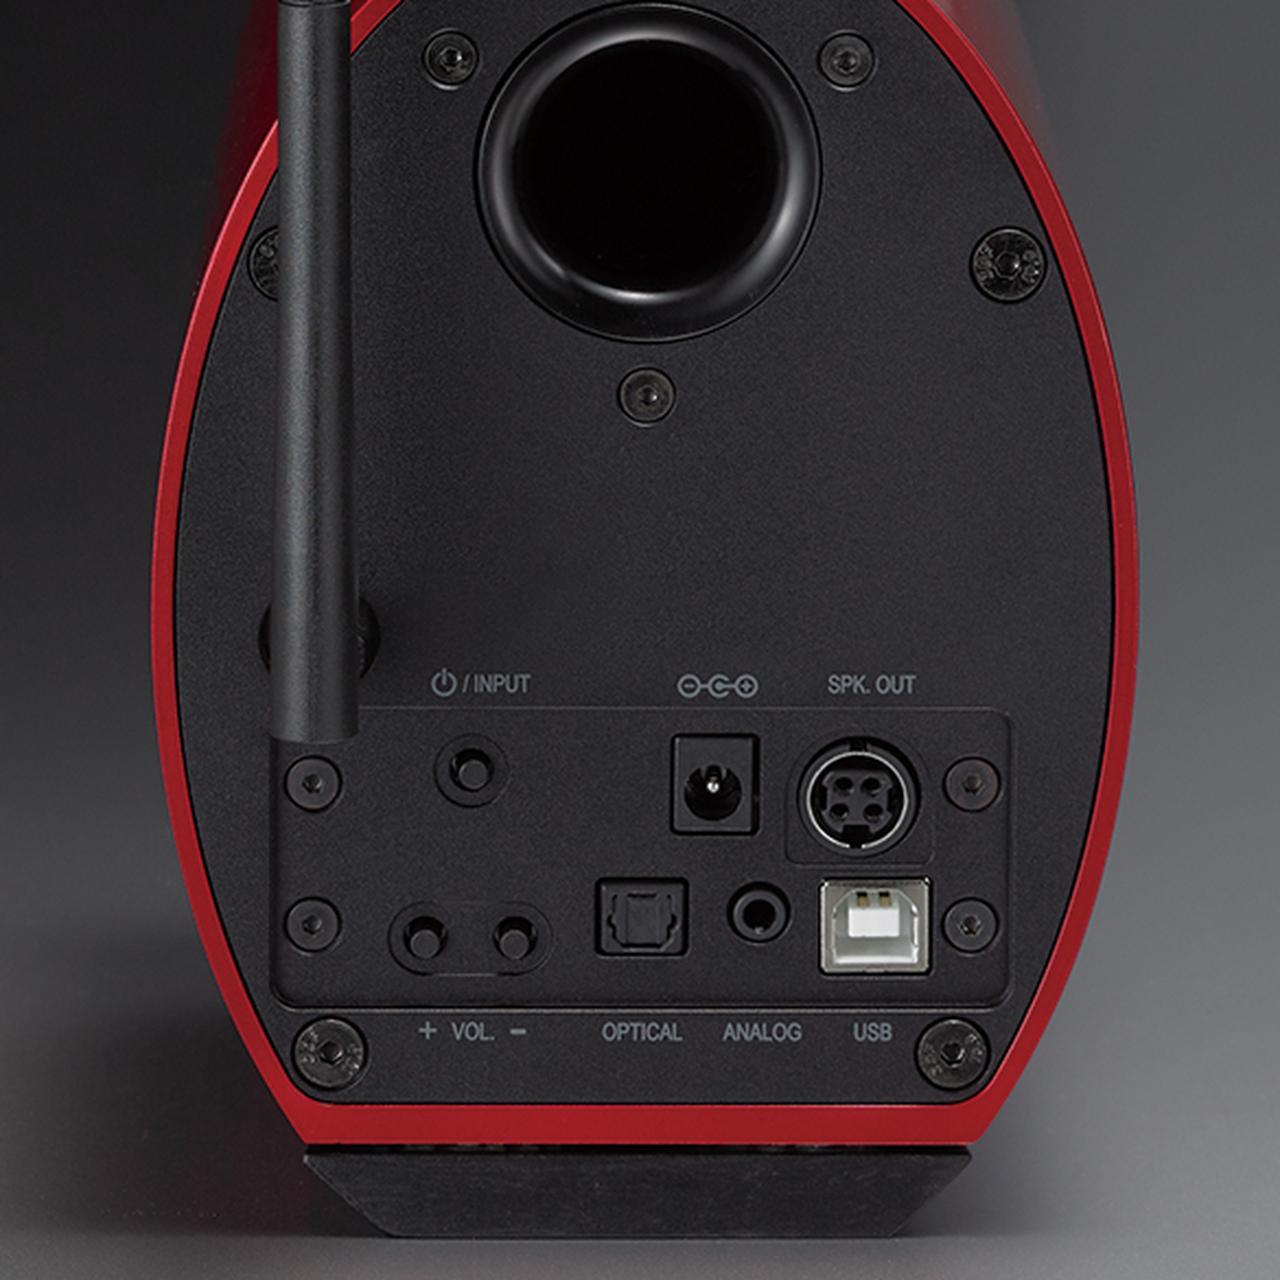 画像: クリプトンのスピーカー「KS-55」をレビュー。ハイレゾは透き通るようなすがすがしい音調